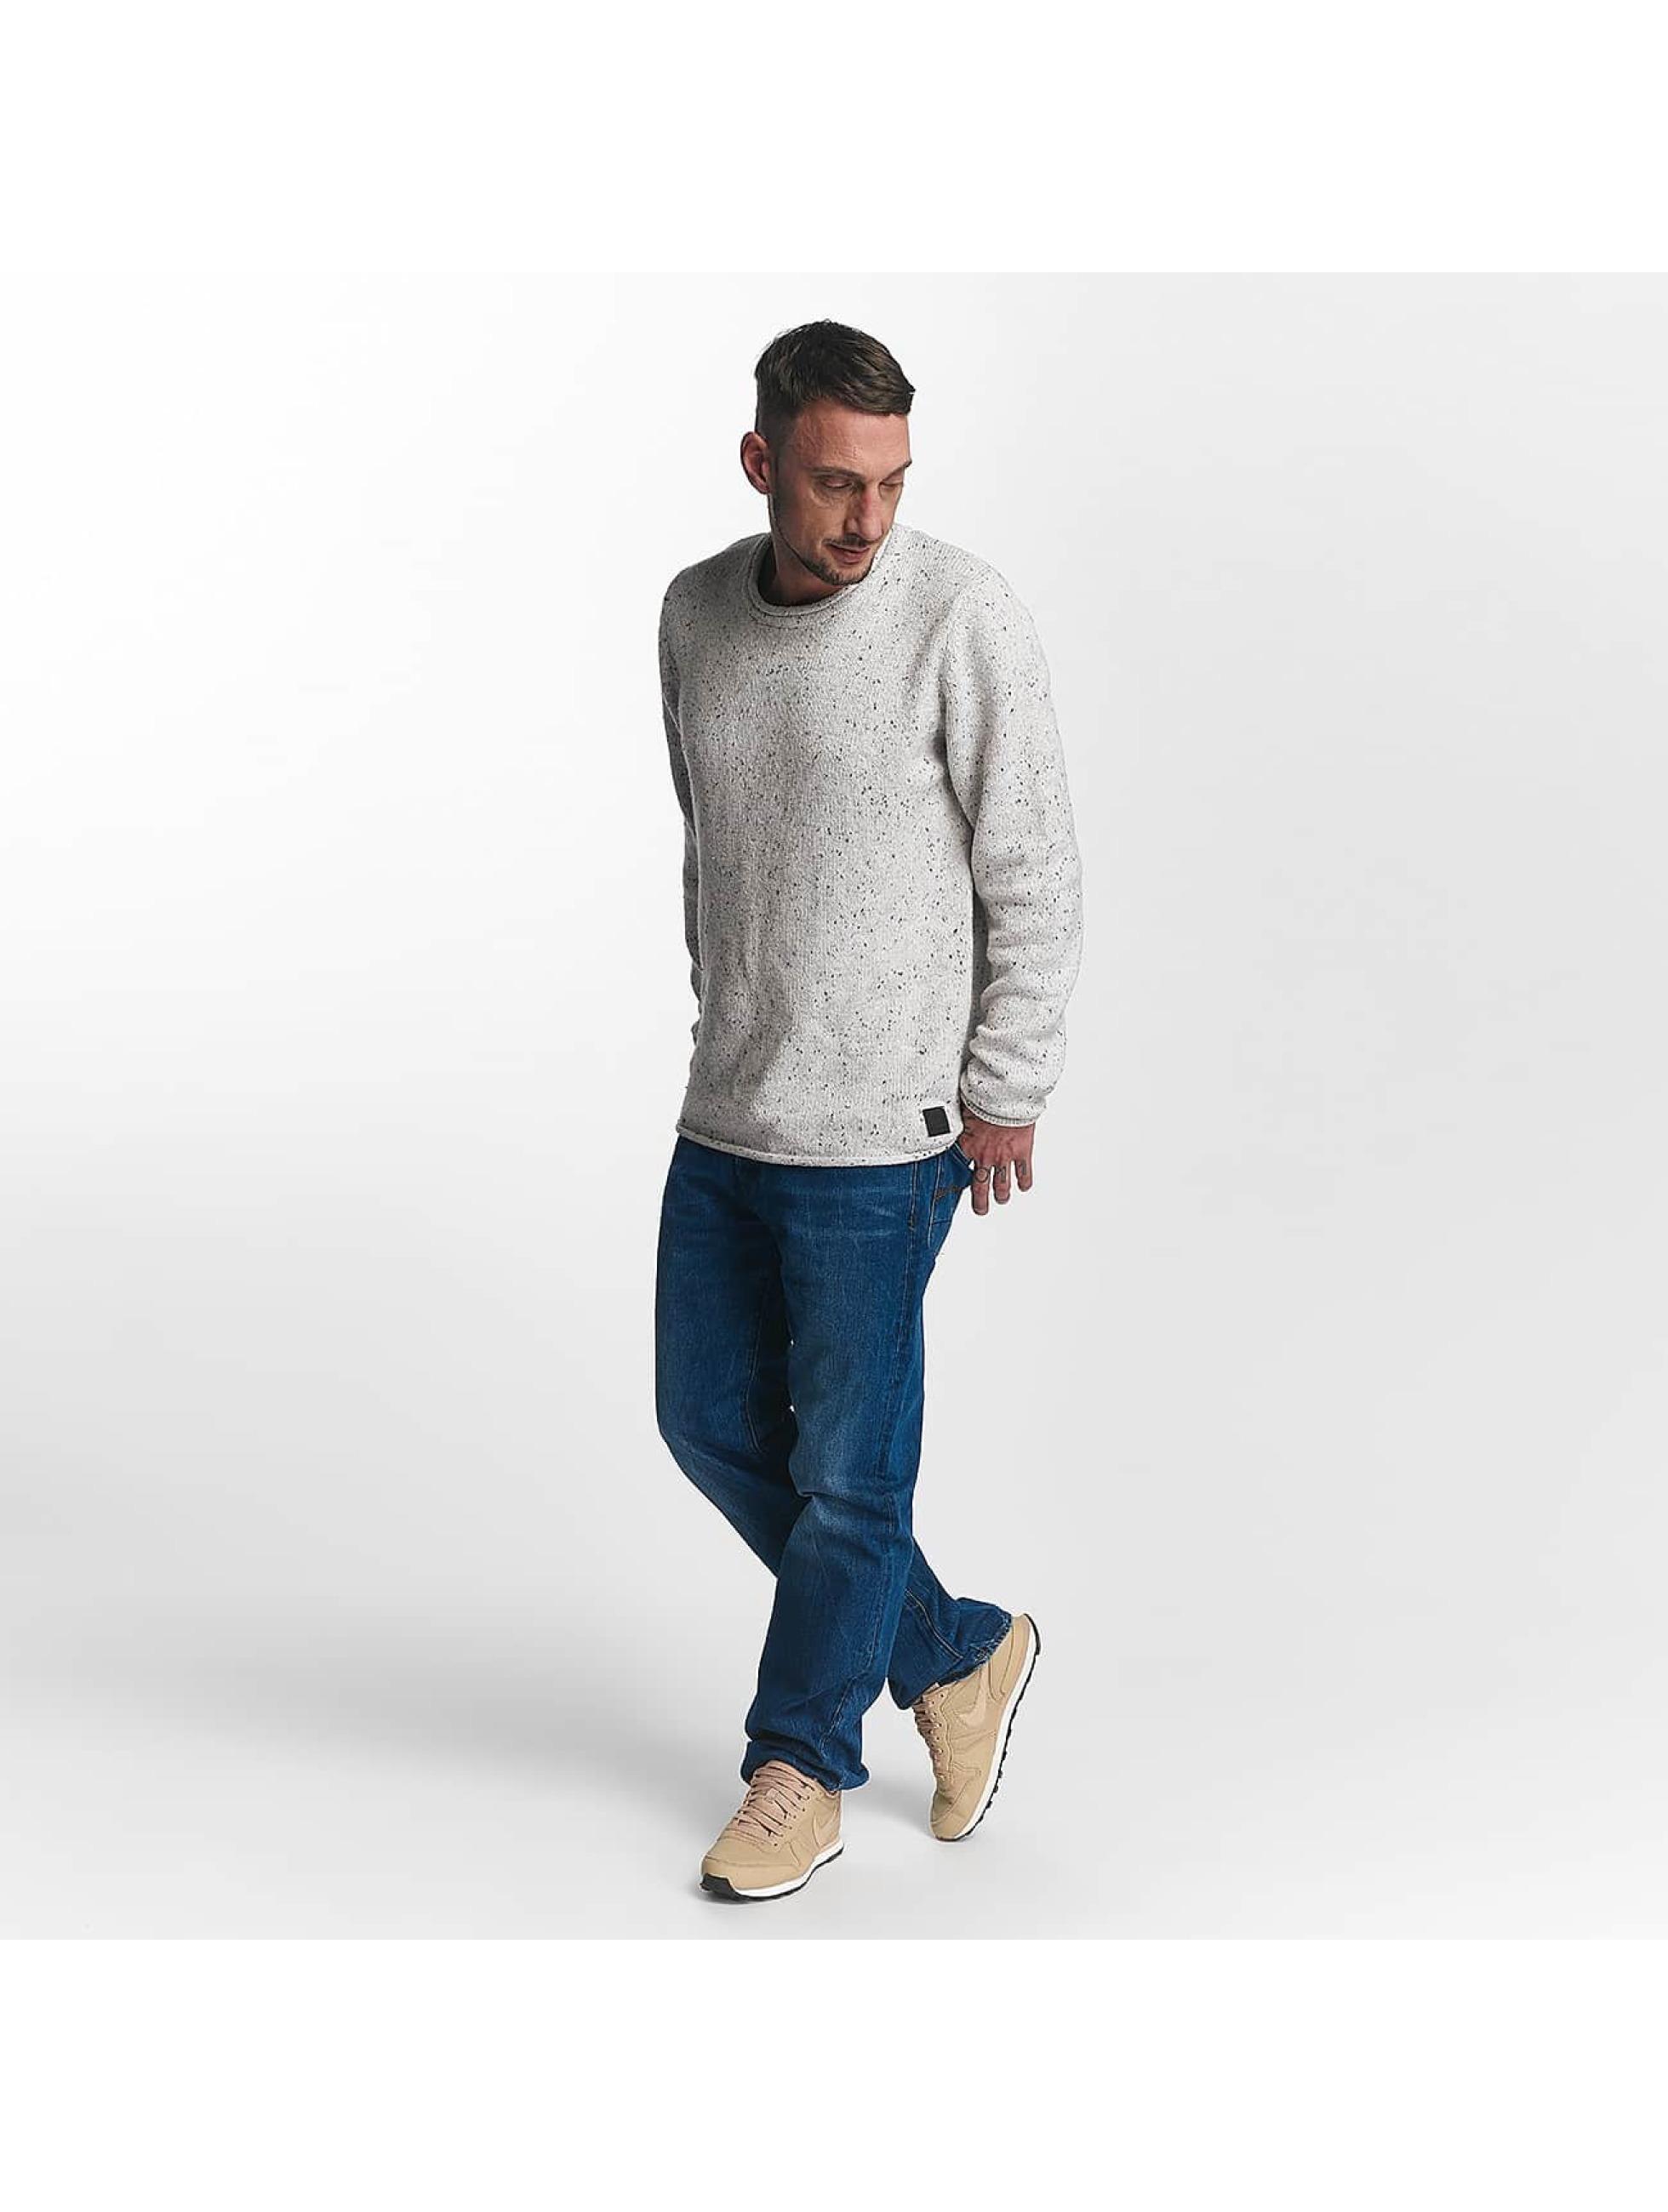 G-Star Løstsittende bukser 3301 Loose Fit blå